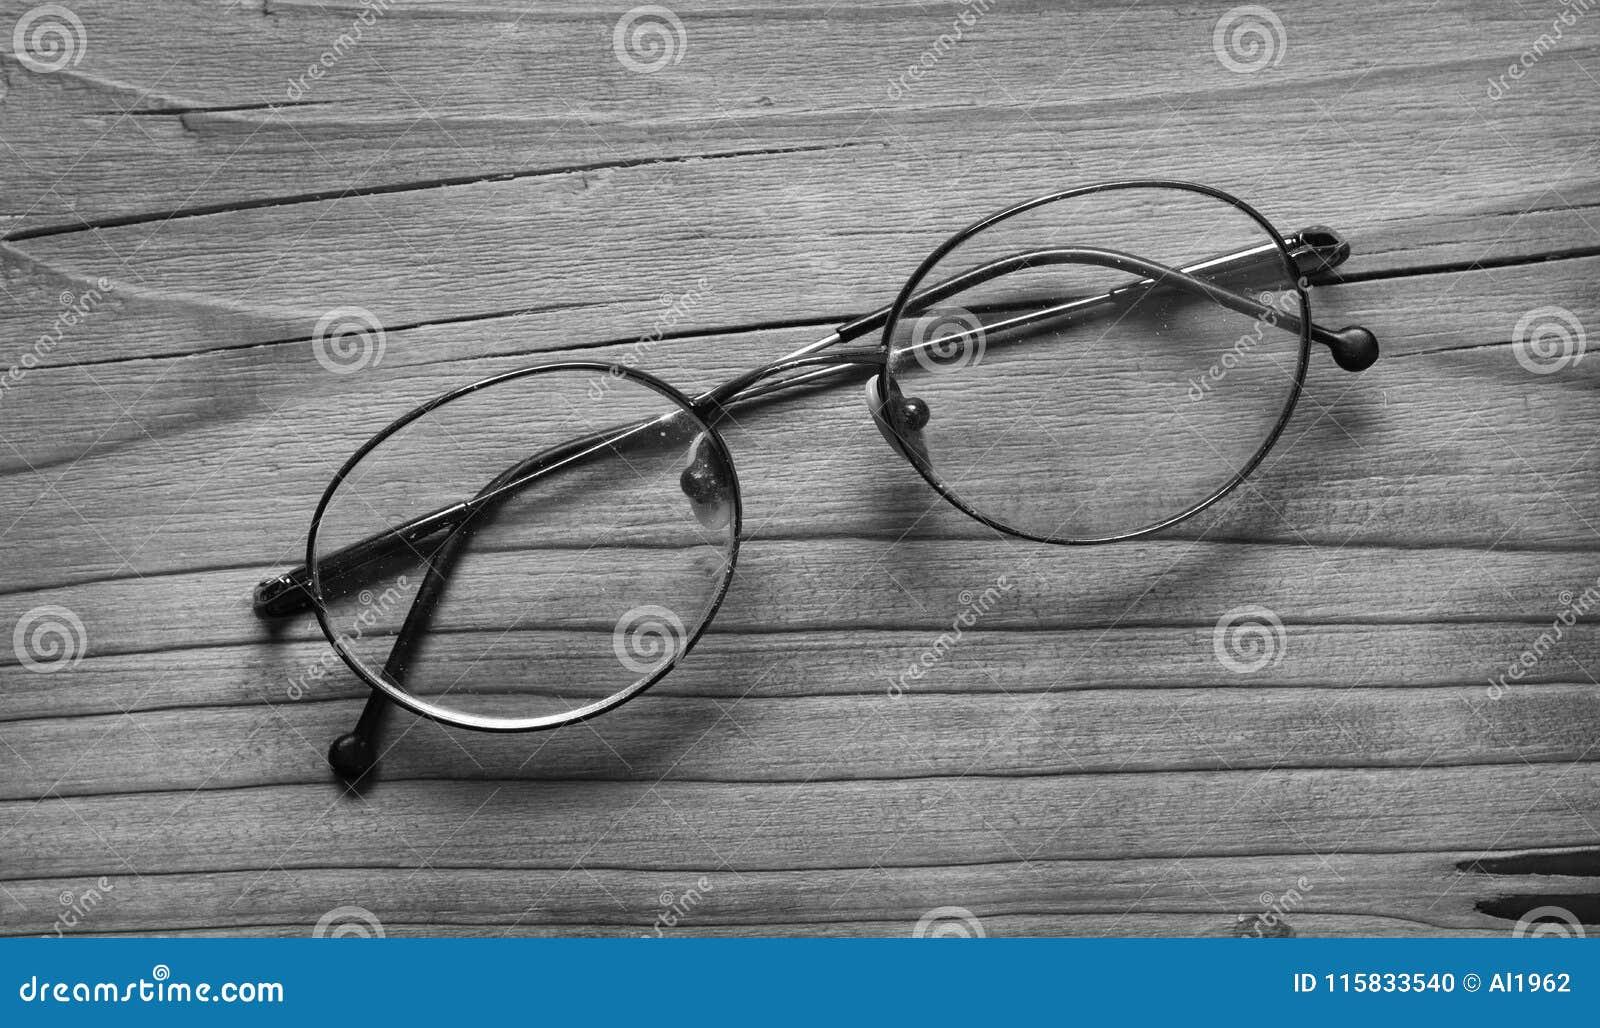 Alte Brillen auf dem Holztisch - Schwarzweiss